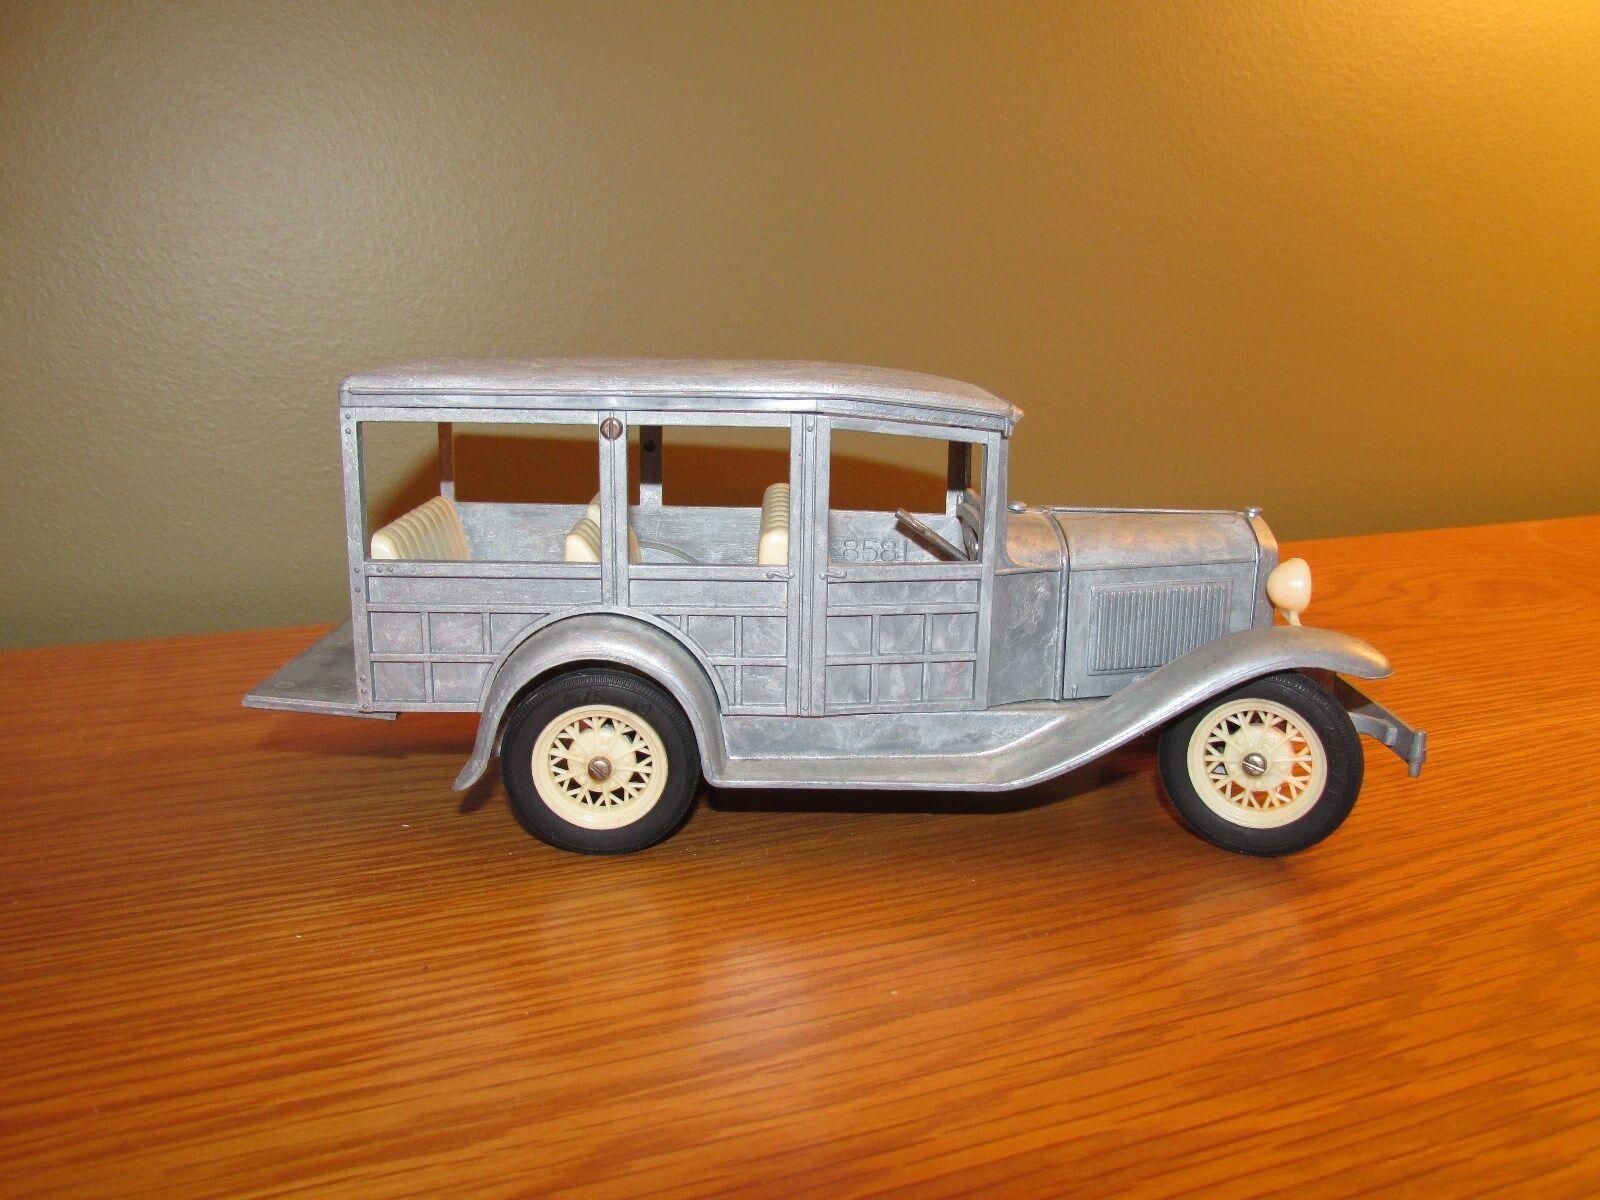 gran venta Panel de Ford Vintage Hubley juguete camión camión camión de Metal Fundido Circa década de 1950 Raro Original  servicio considerado